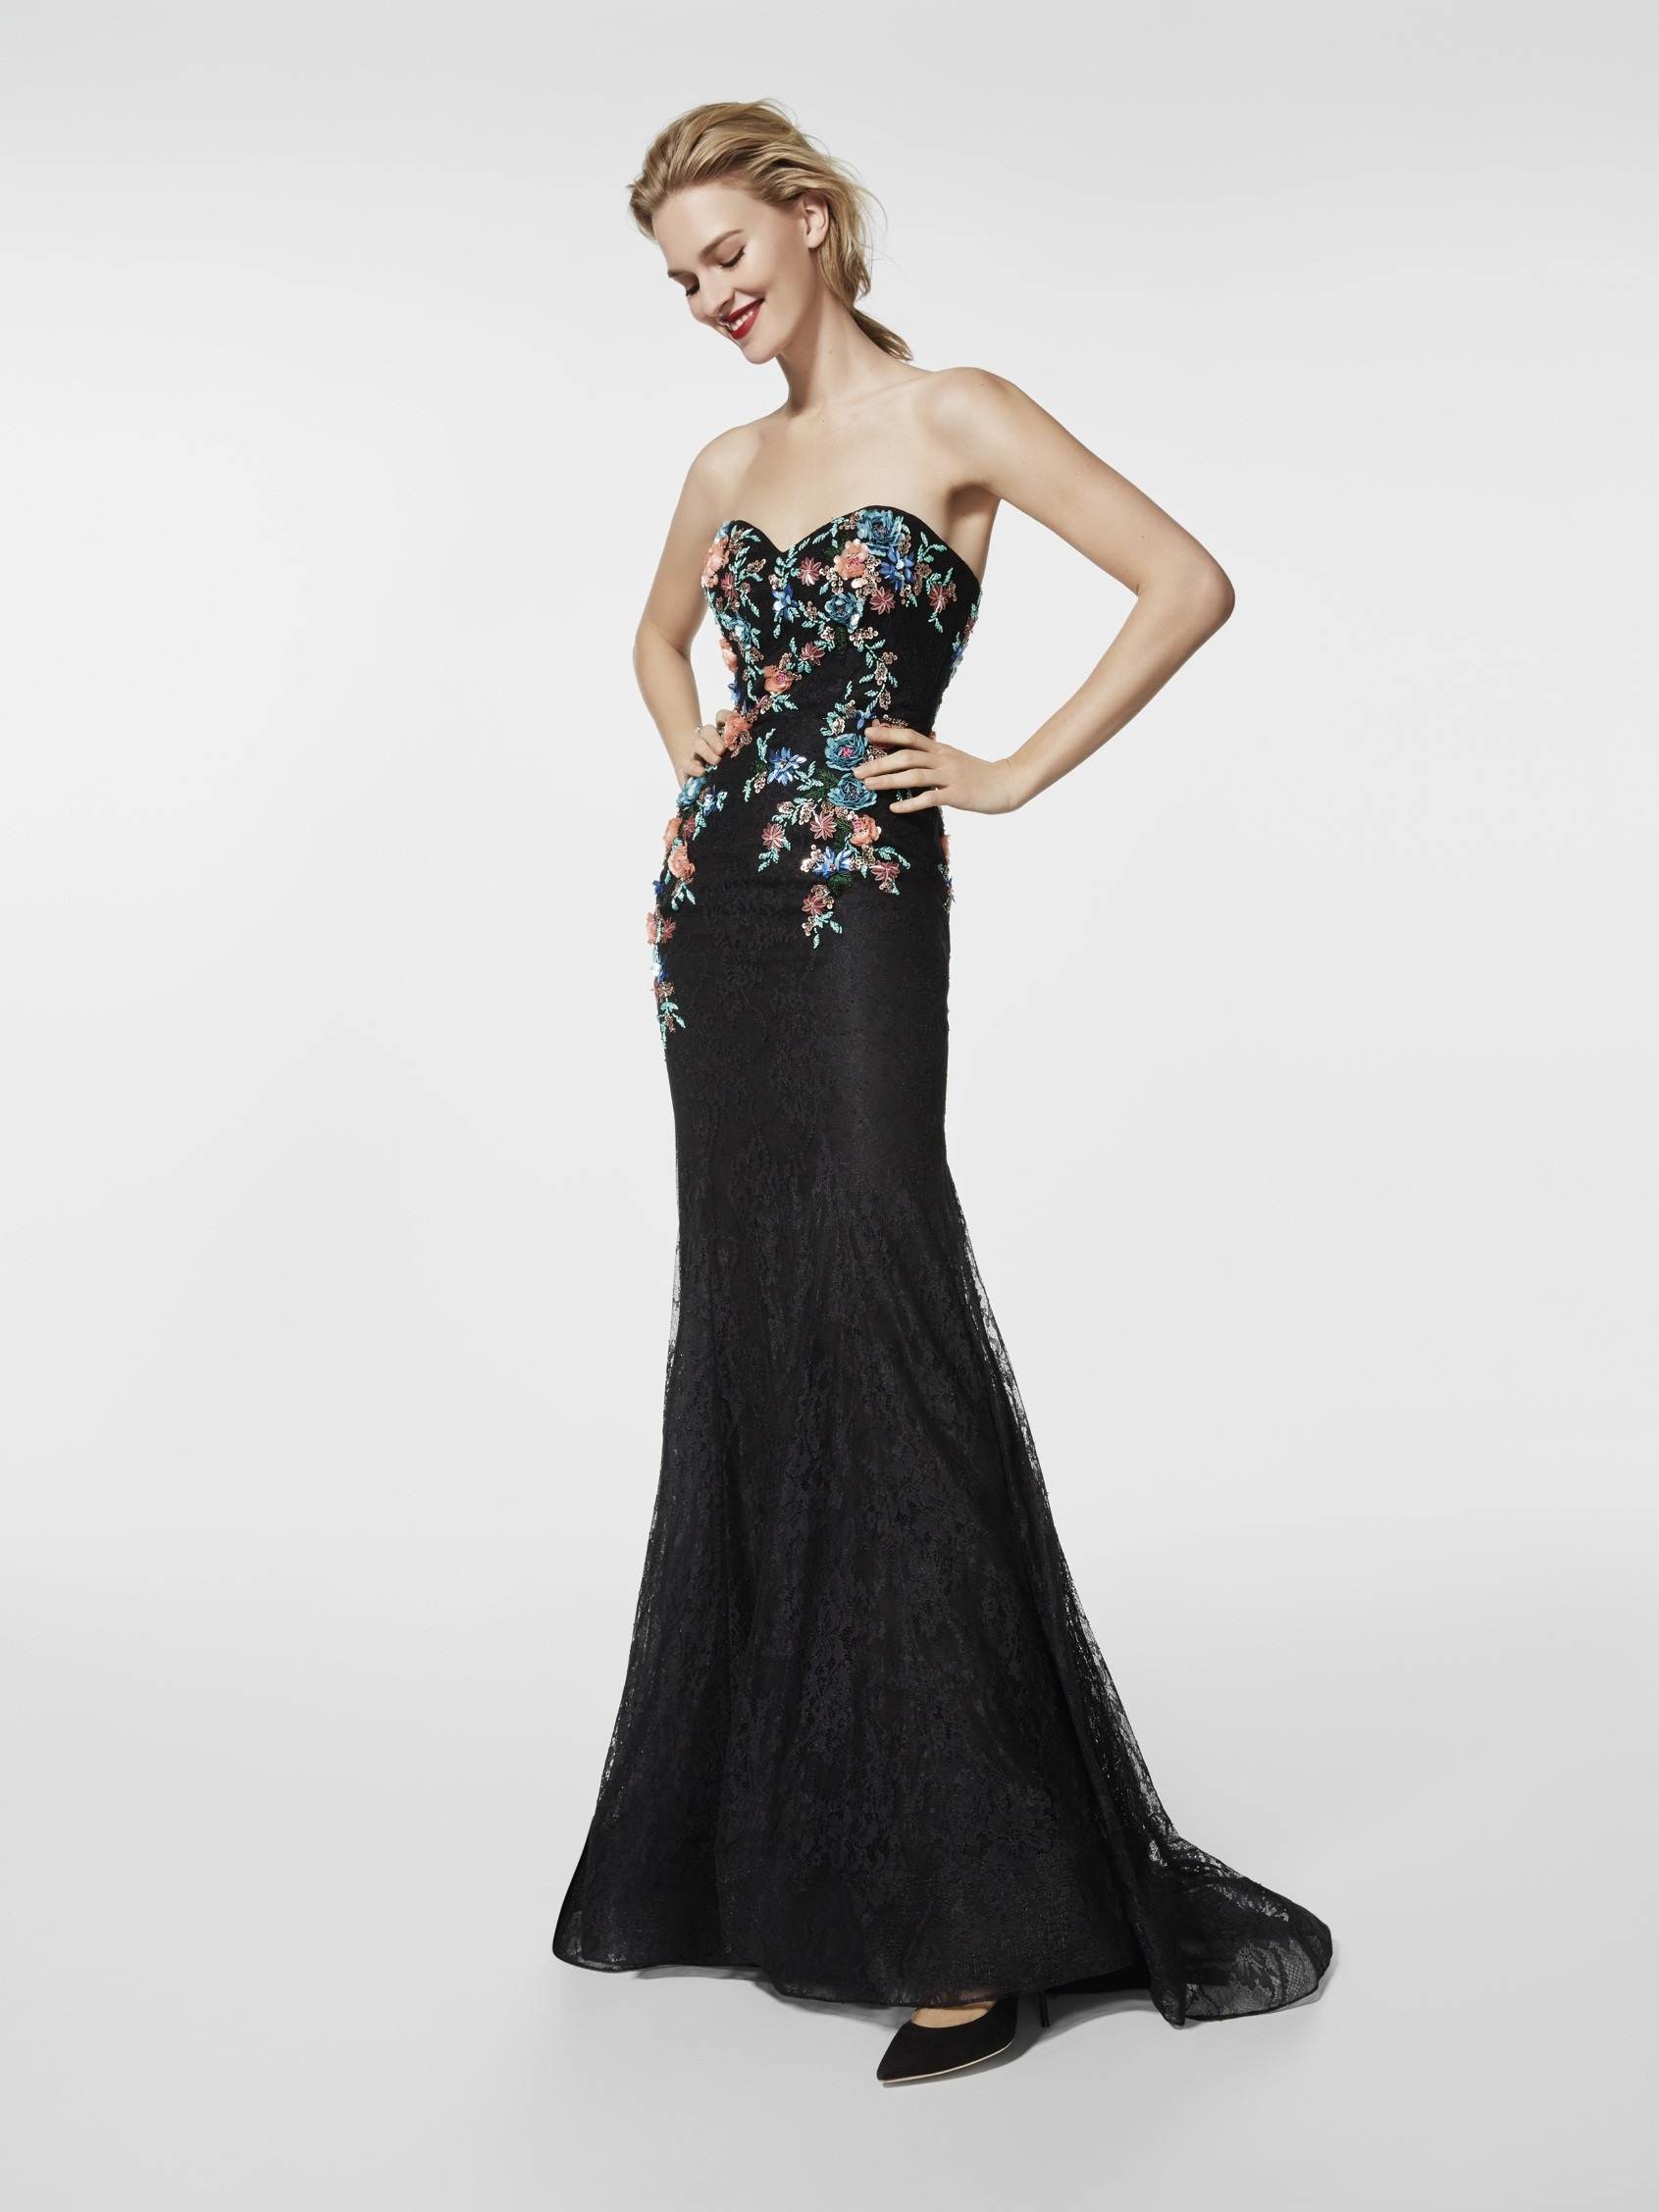 17 Schön Langes Abendkleid Schwarz GalerieDesigner Ausgezeichnet Langes Abendkleid Schwarz Spezialgebiet